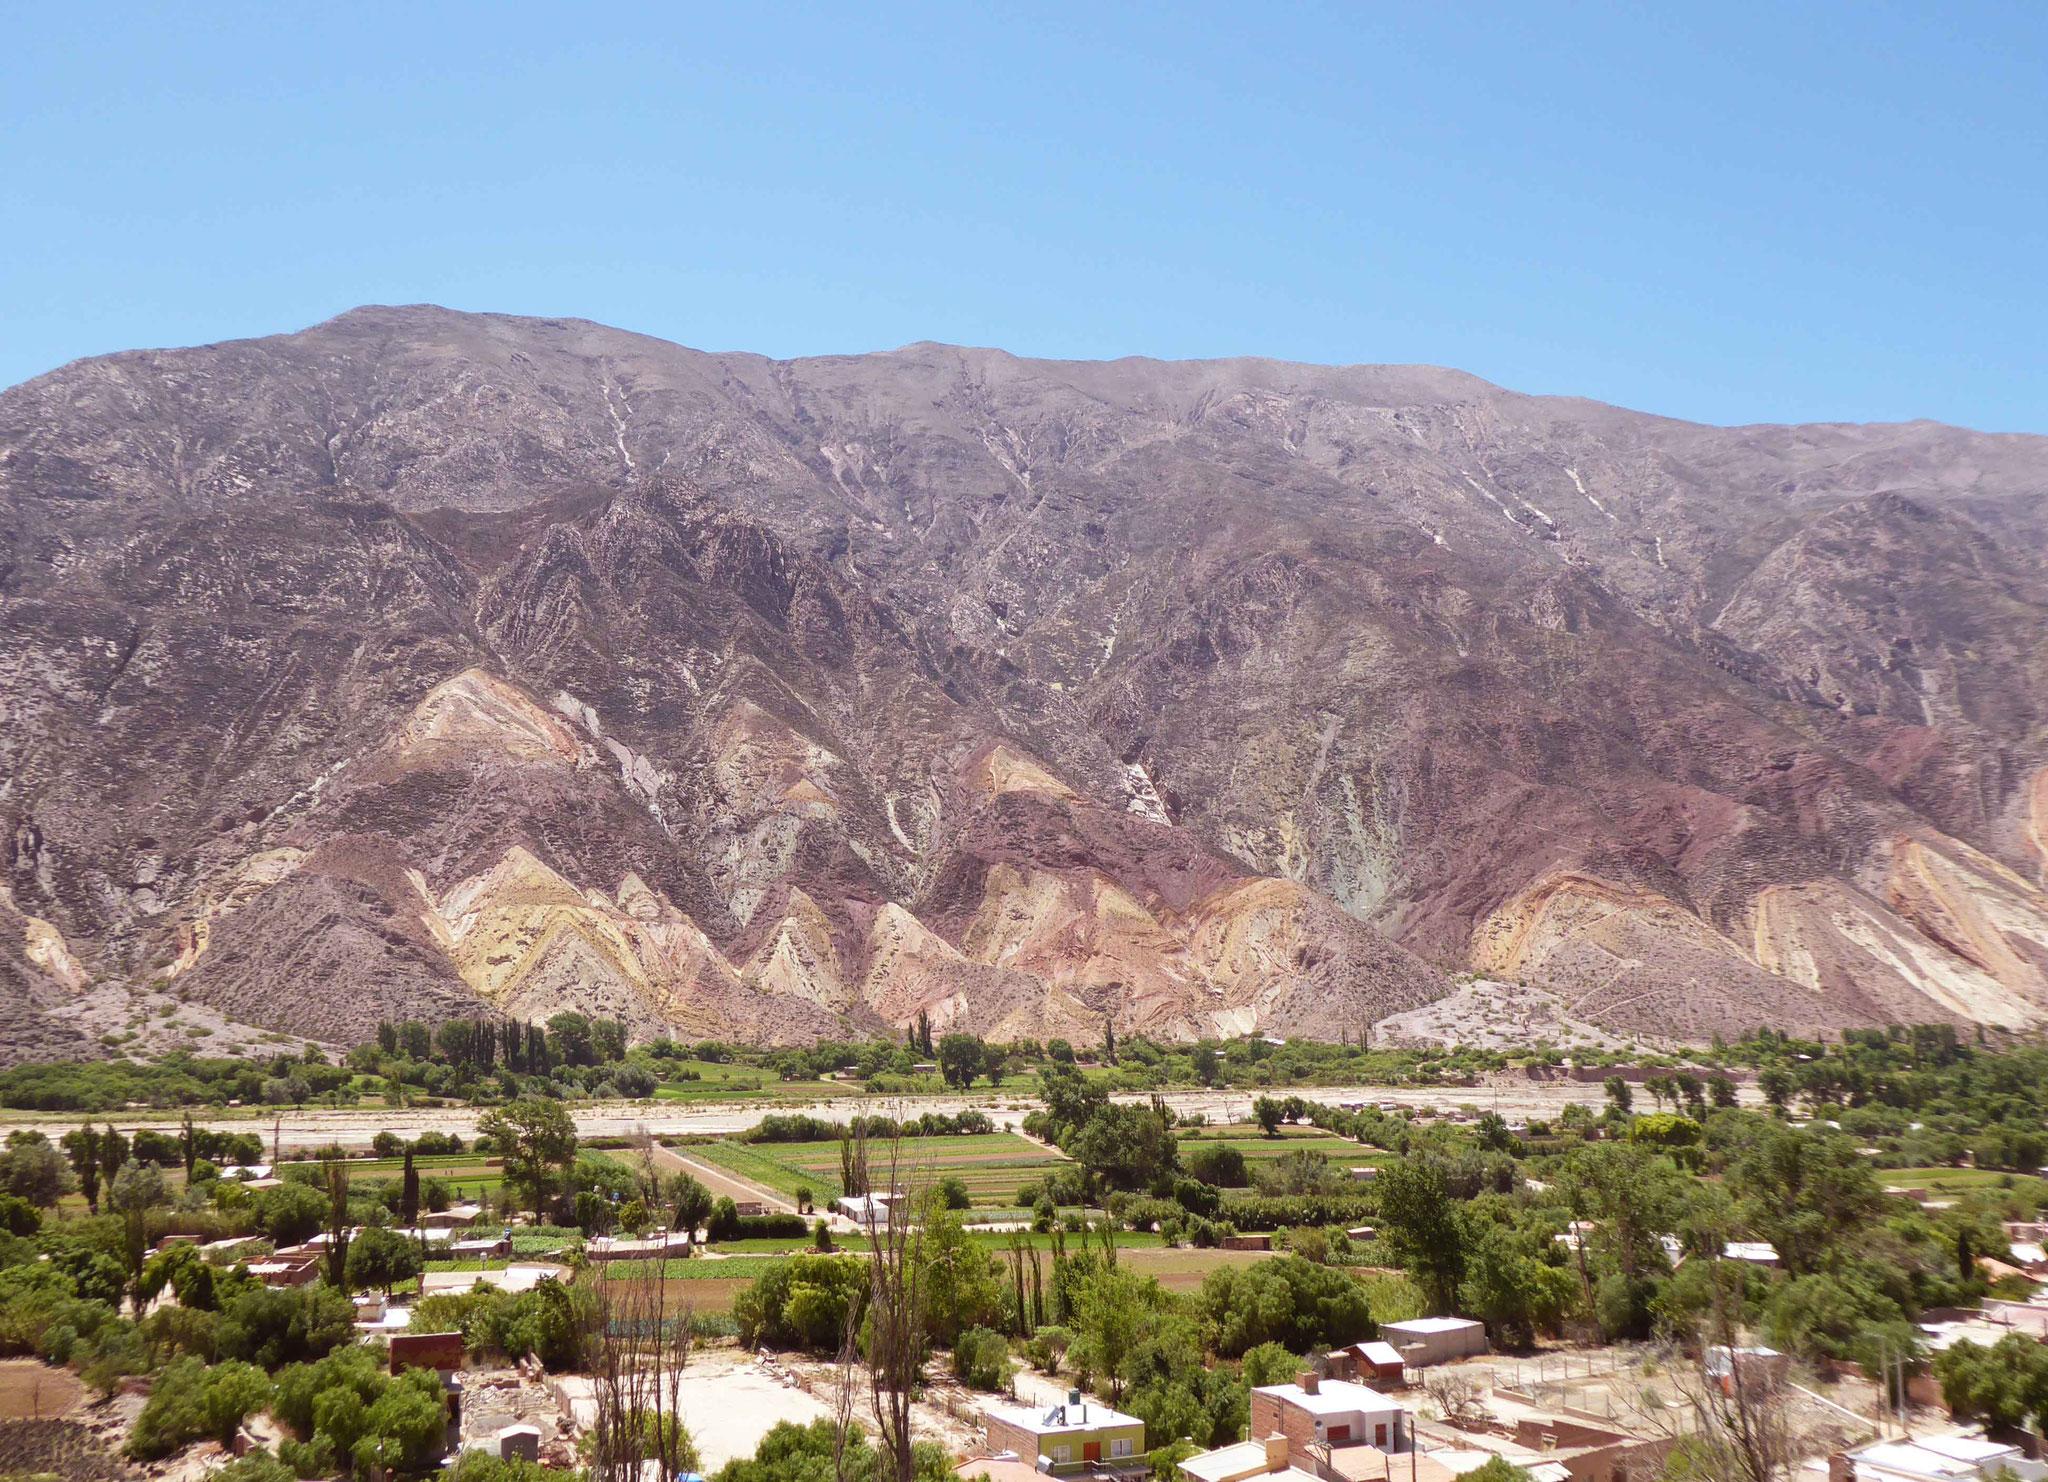 La Palette du peintre domine les villages de Maimara et Tilcara